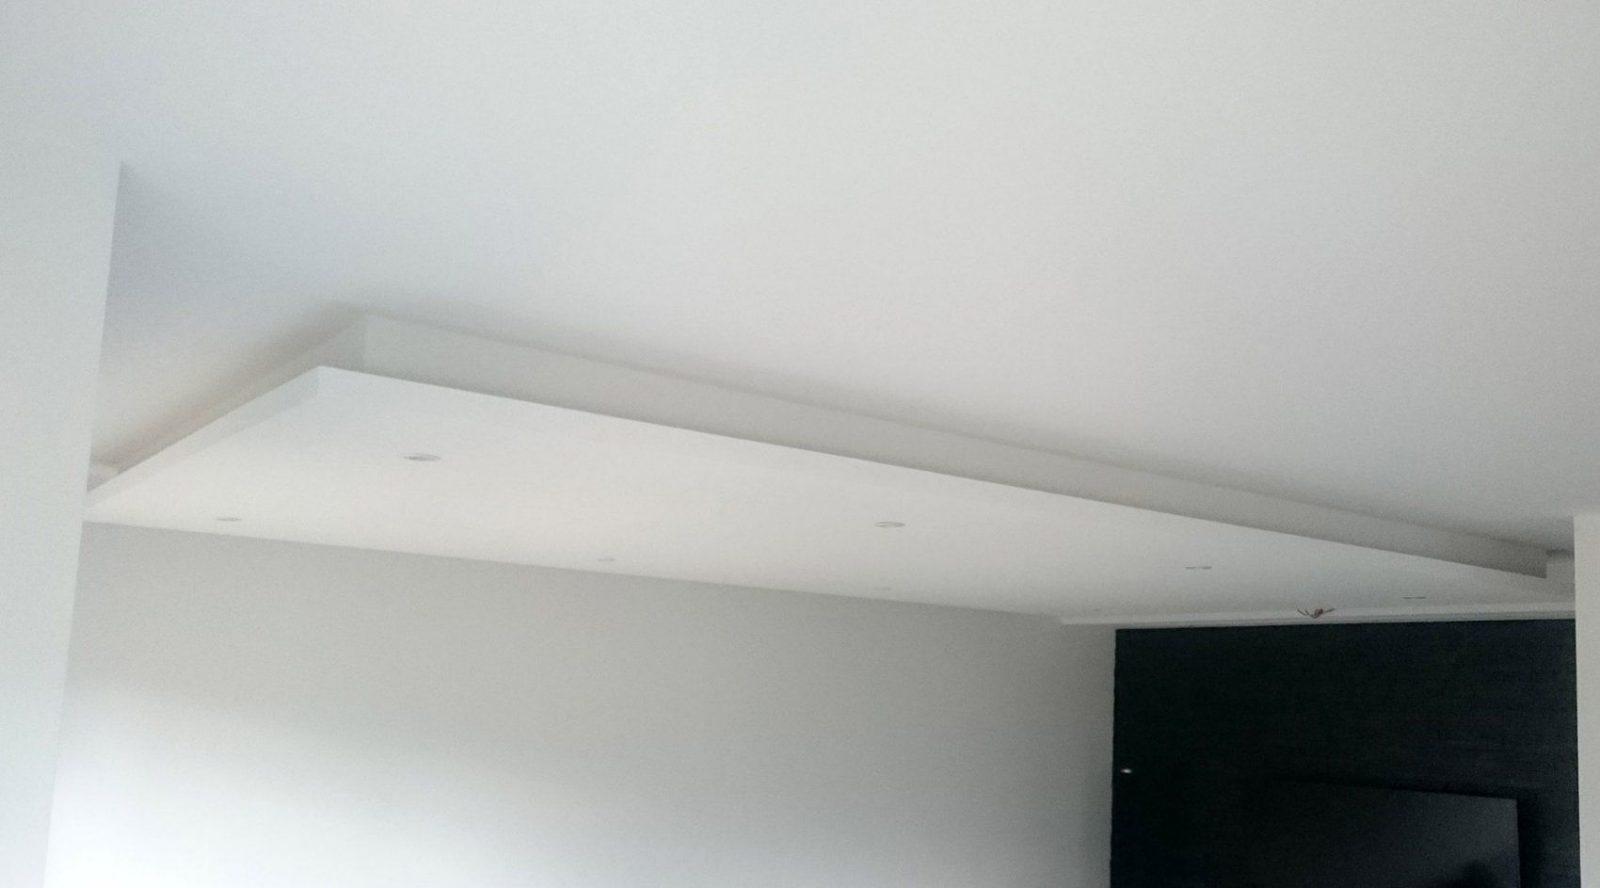 Abgehängte Decke Mit Indirekter Beleuchtung (Lichtvouten) Selber Machen von Indirekte Beleuchtung Abgehängte Decke Photo